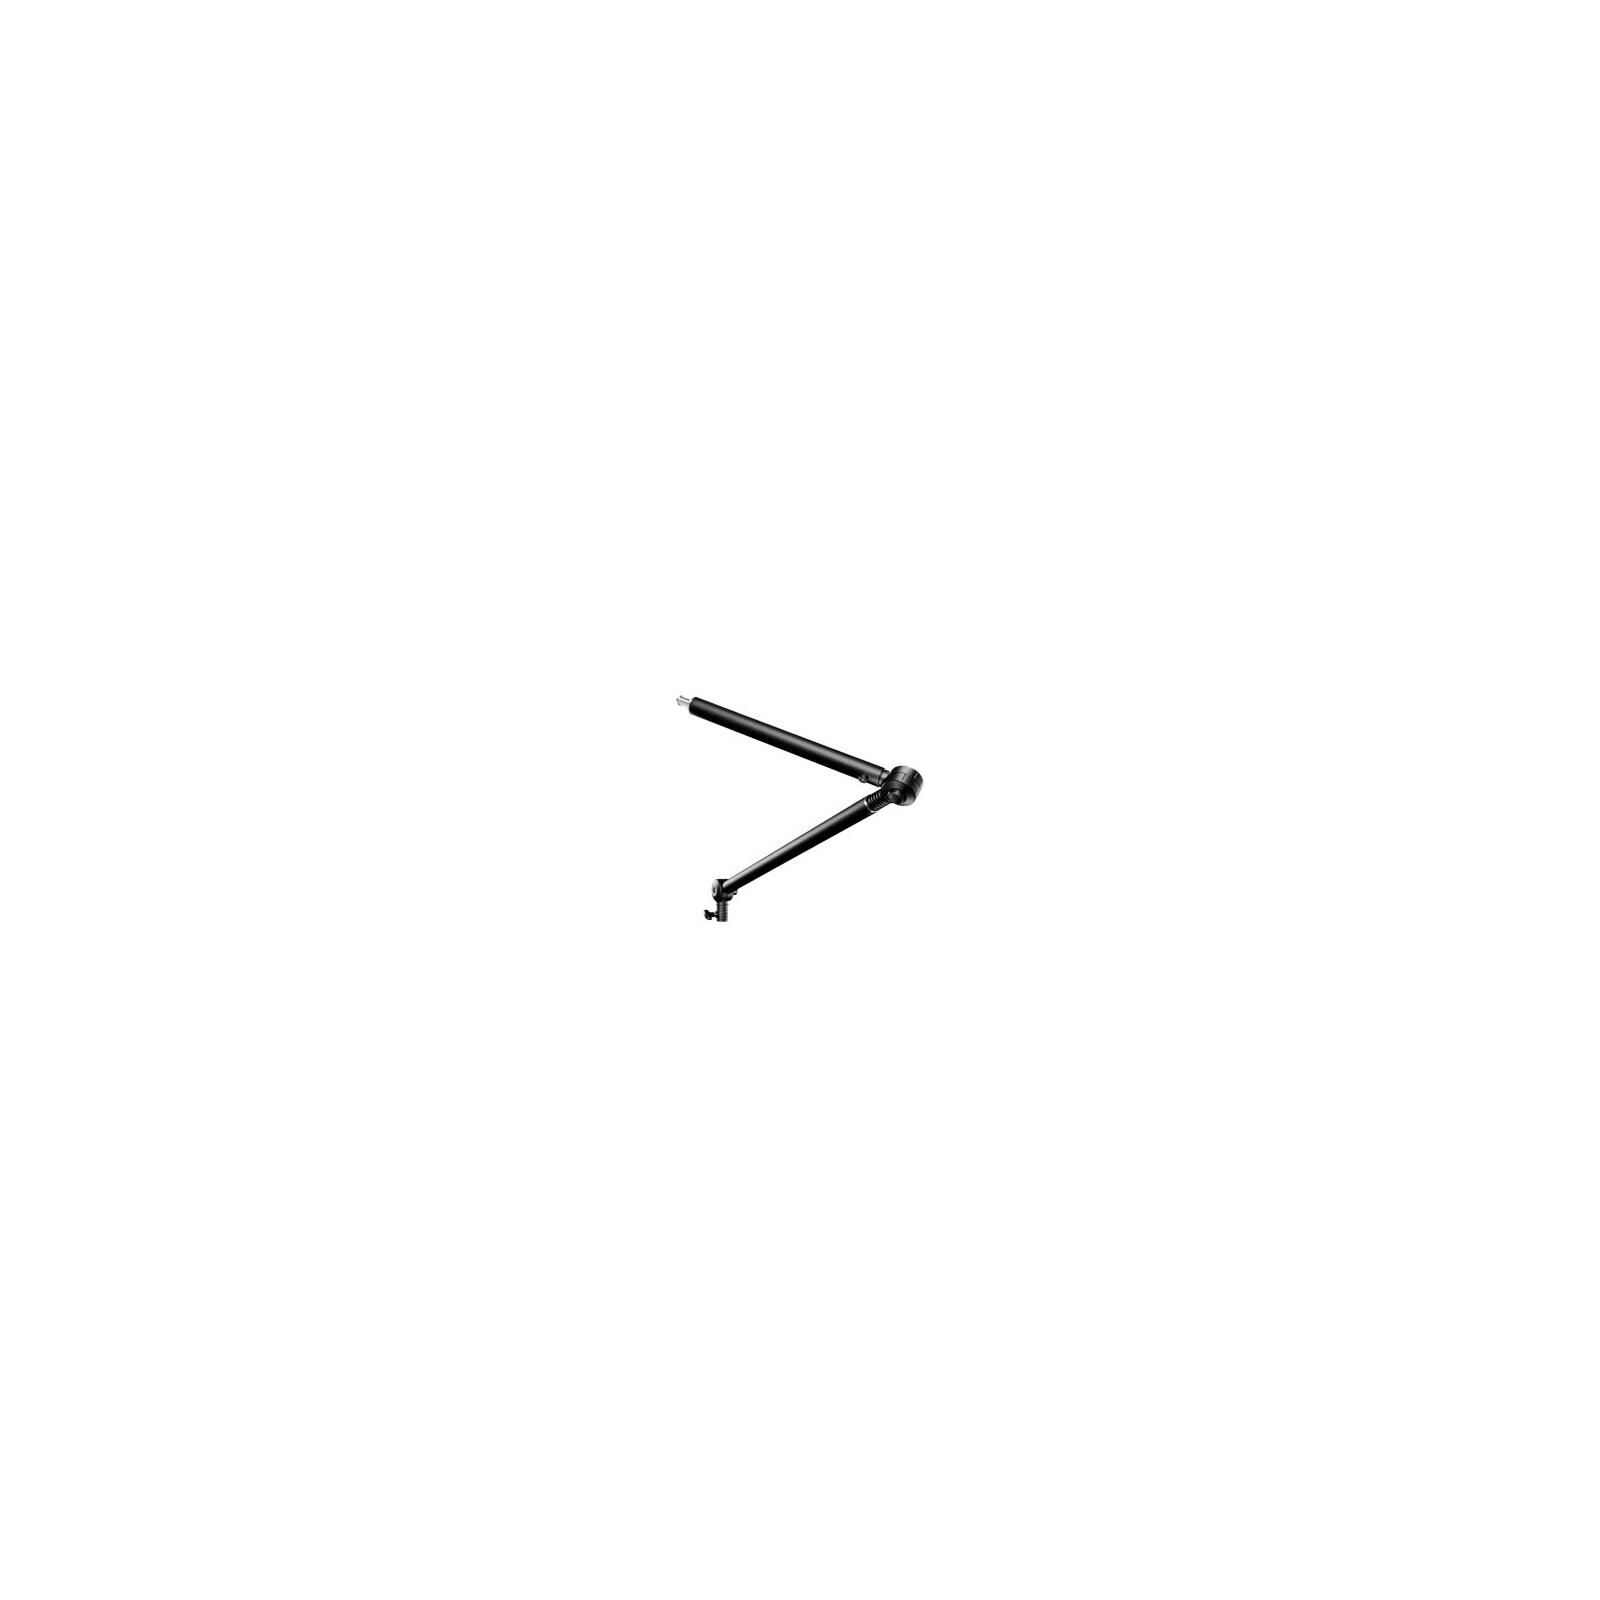 walimex pro Auslegearm, 120cm